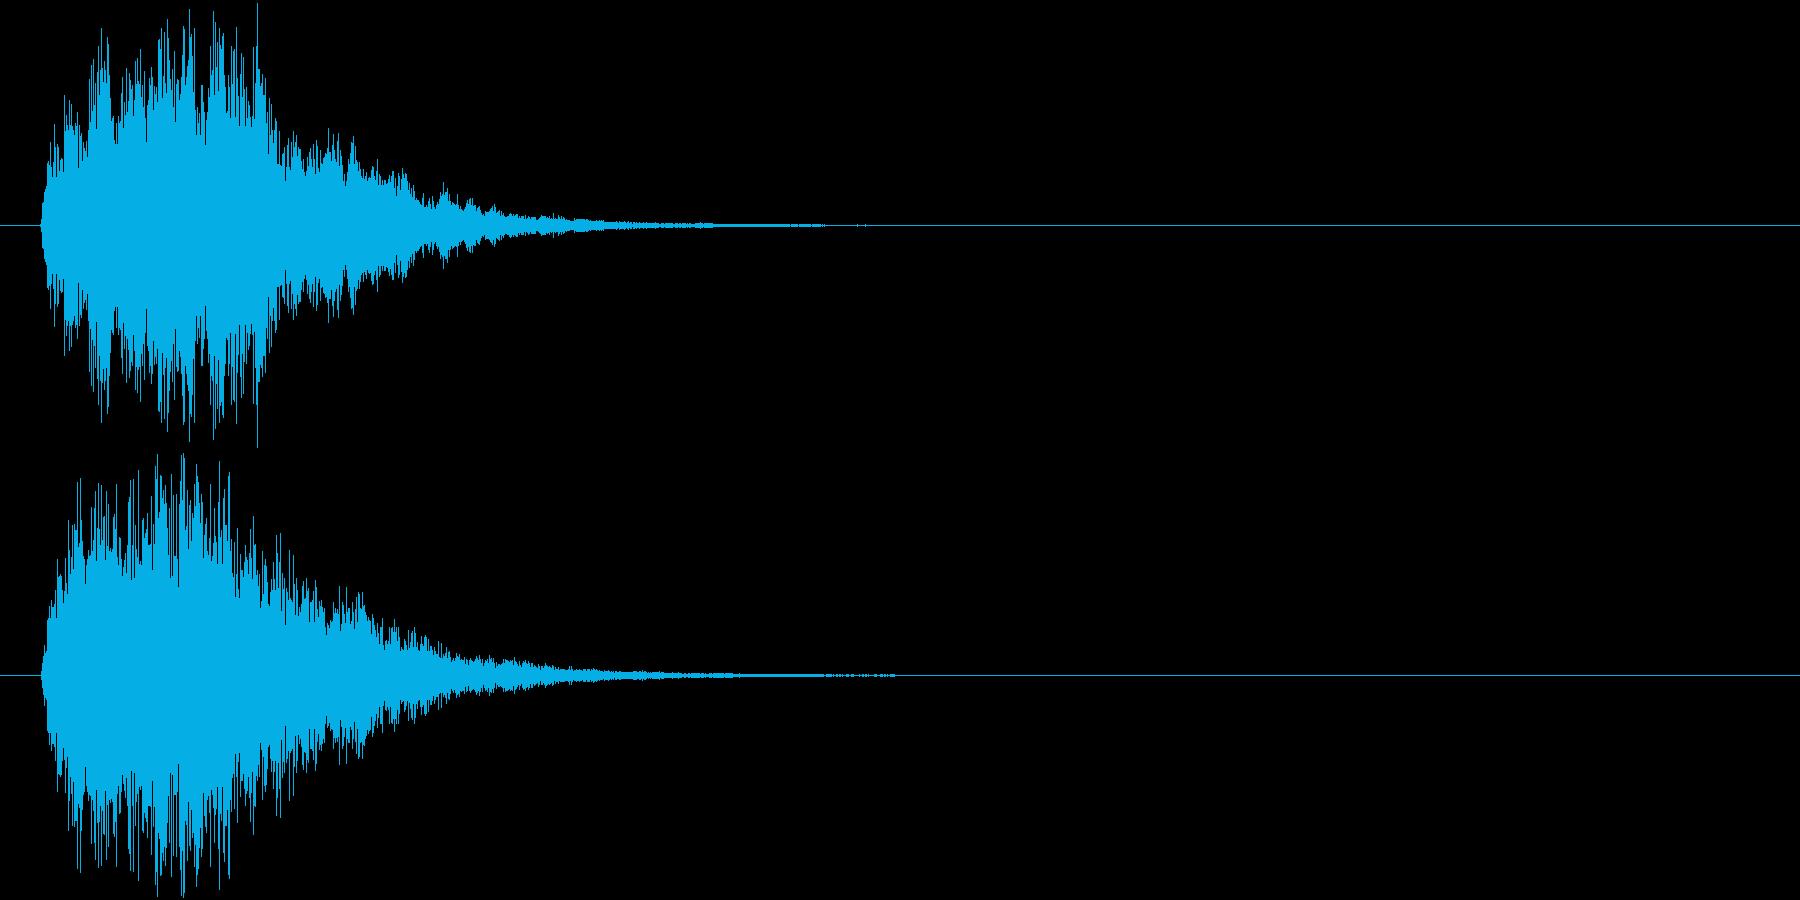 ポワン(HP回復・光魔法・輝く・癒し)の再生済みの波形